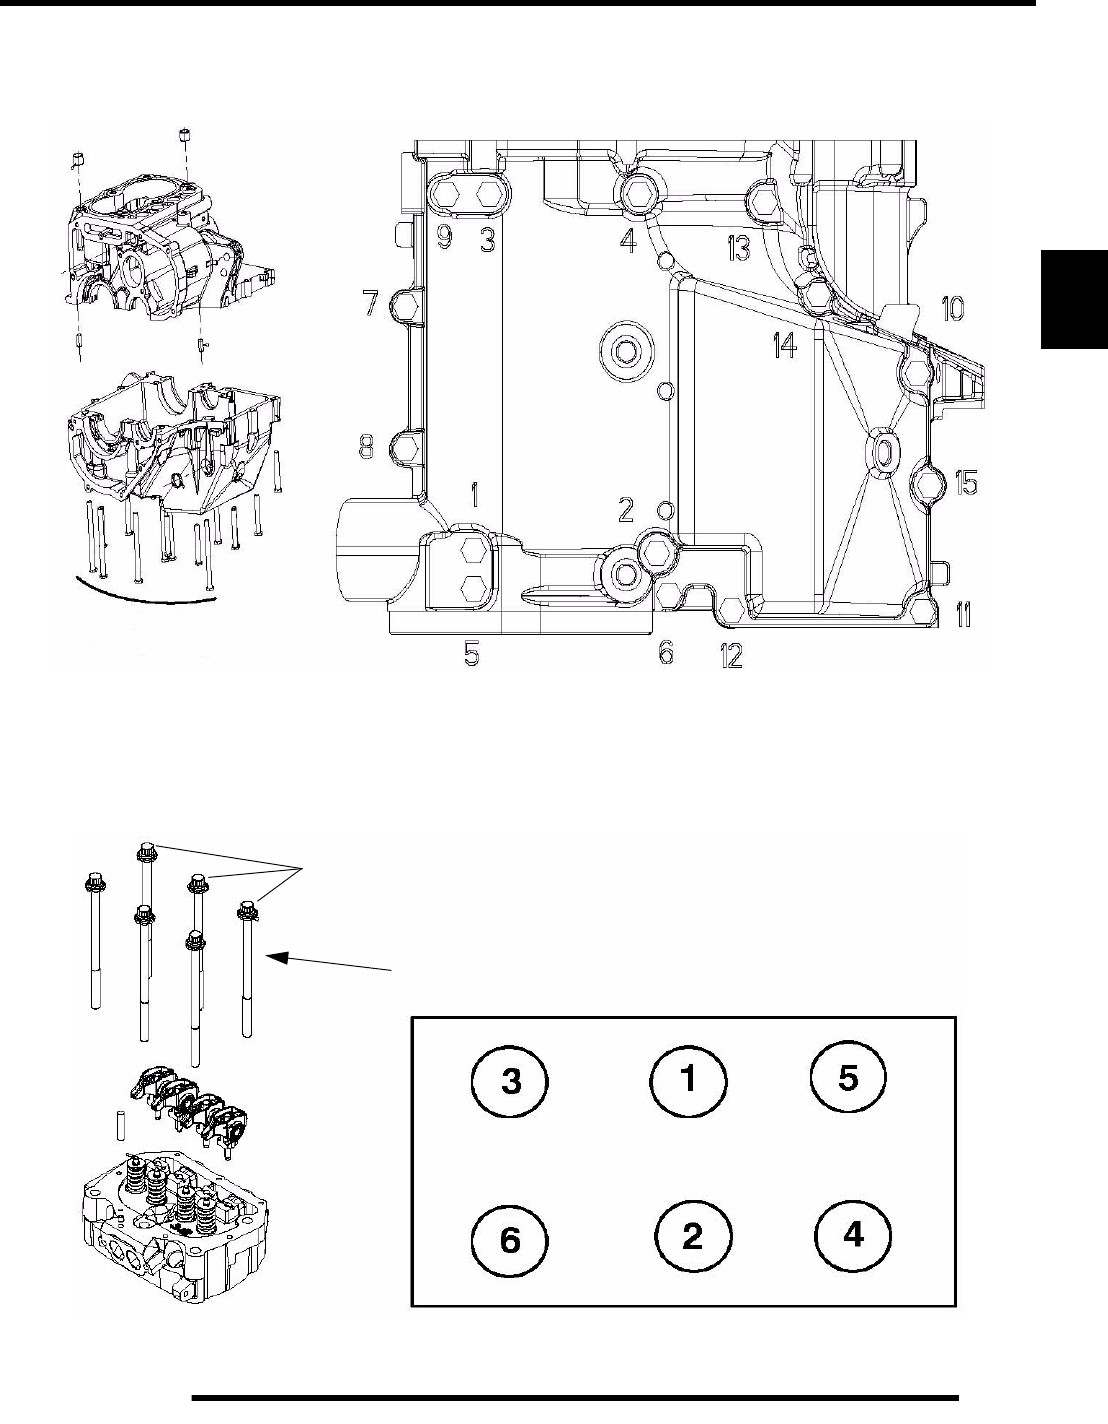 Polari Rzr 800 Torque Spec